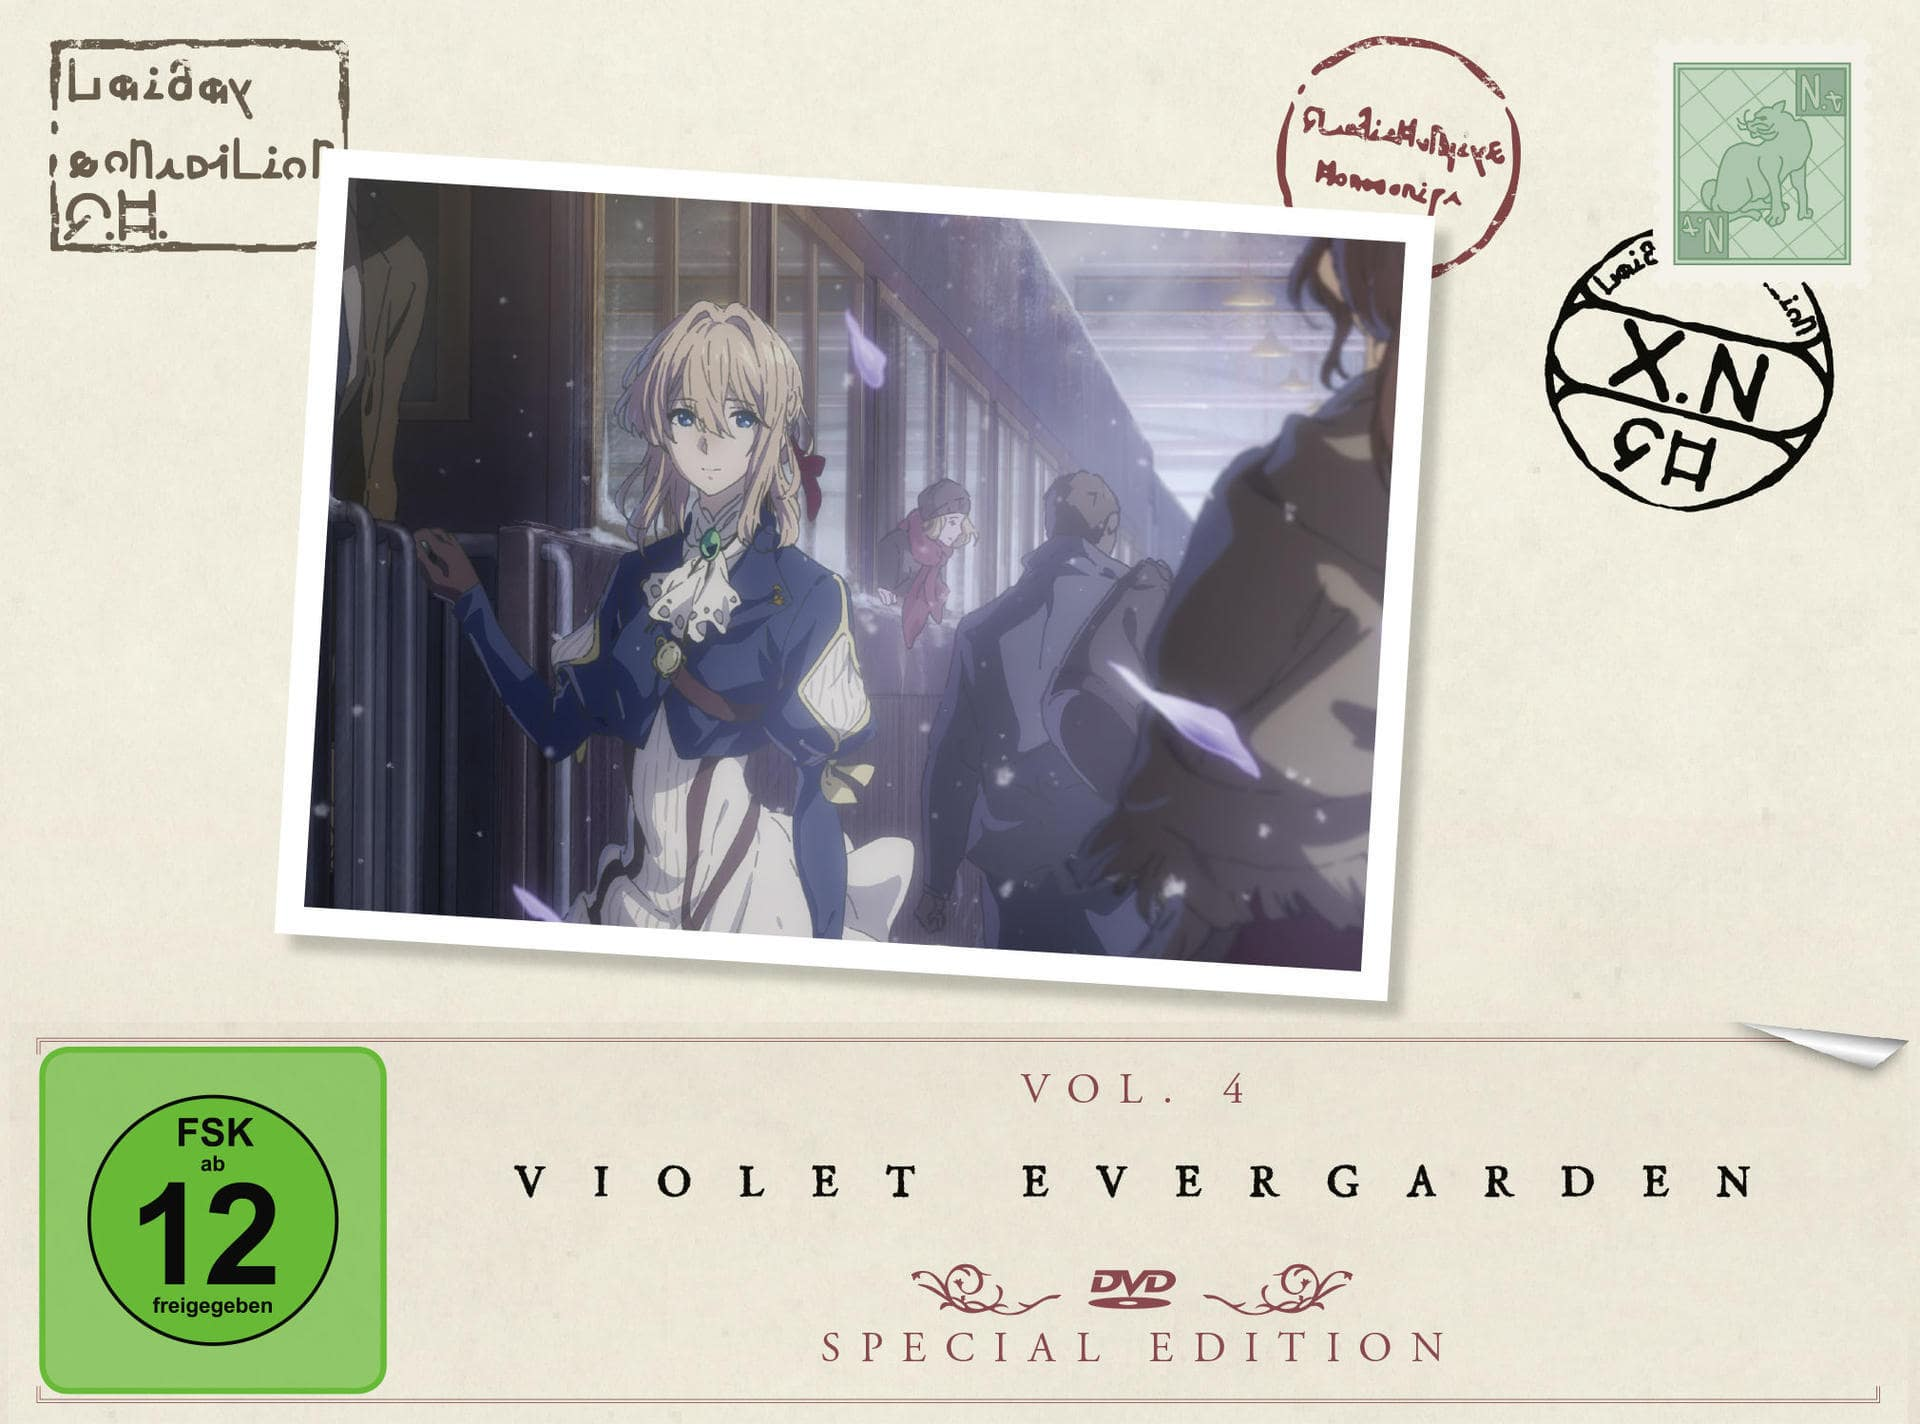 Violet Evergarden - St. 1 - Vol. 4 Limited Special Edition (DVD) für 29,99 Euro